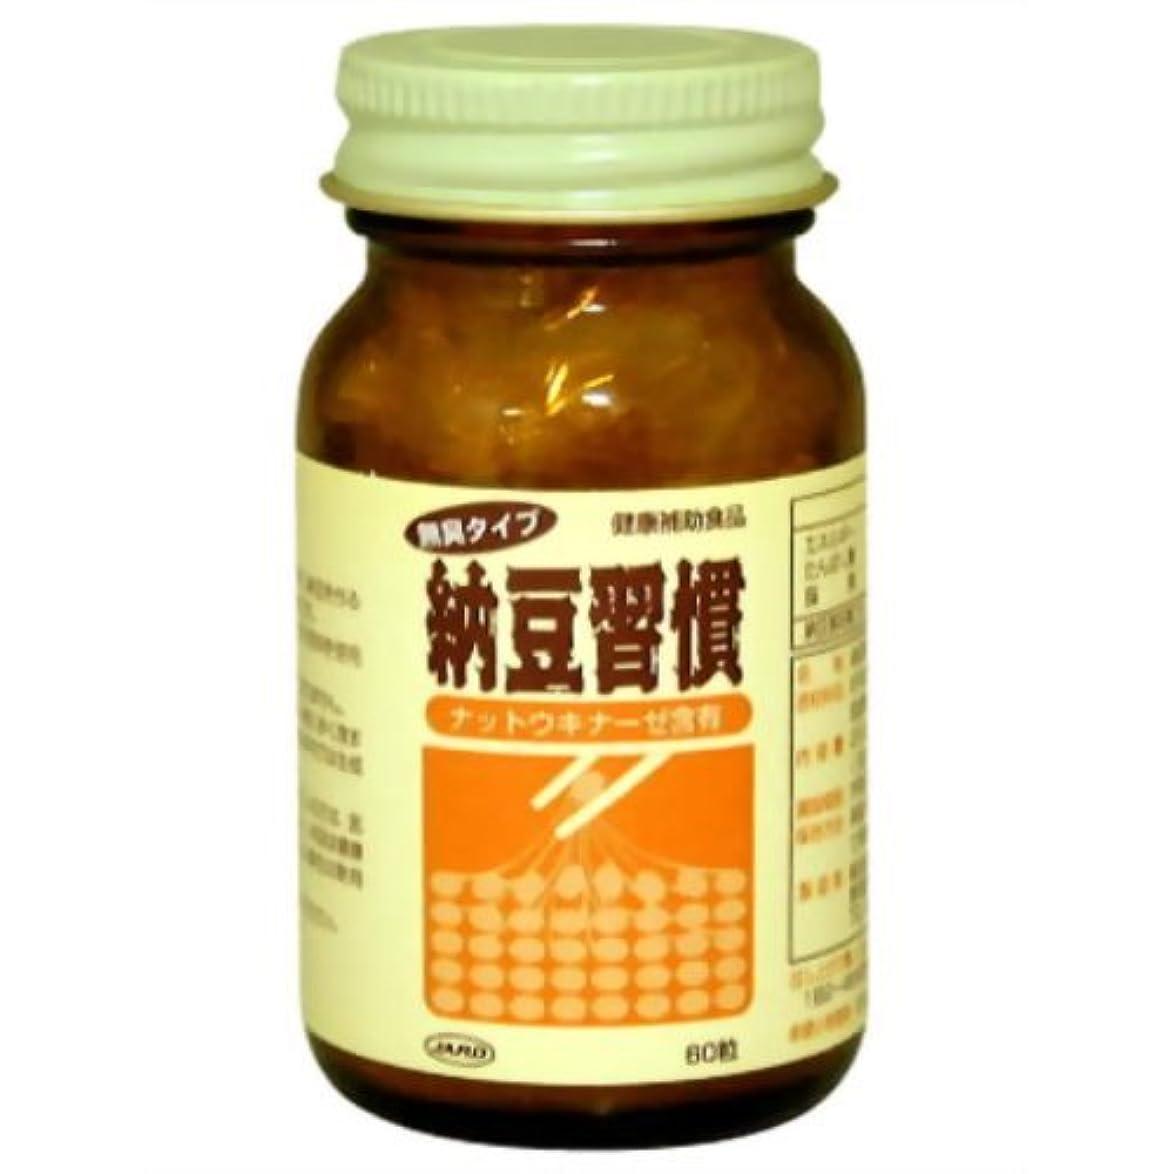 モールス信号自体公演納豆習慣 ナットウキナーゼ含有